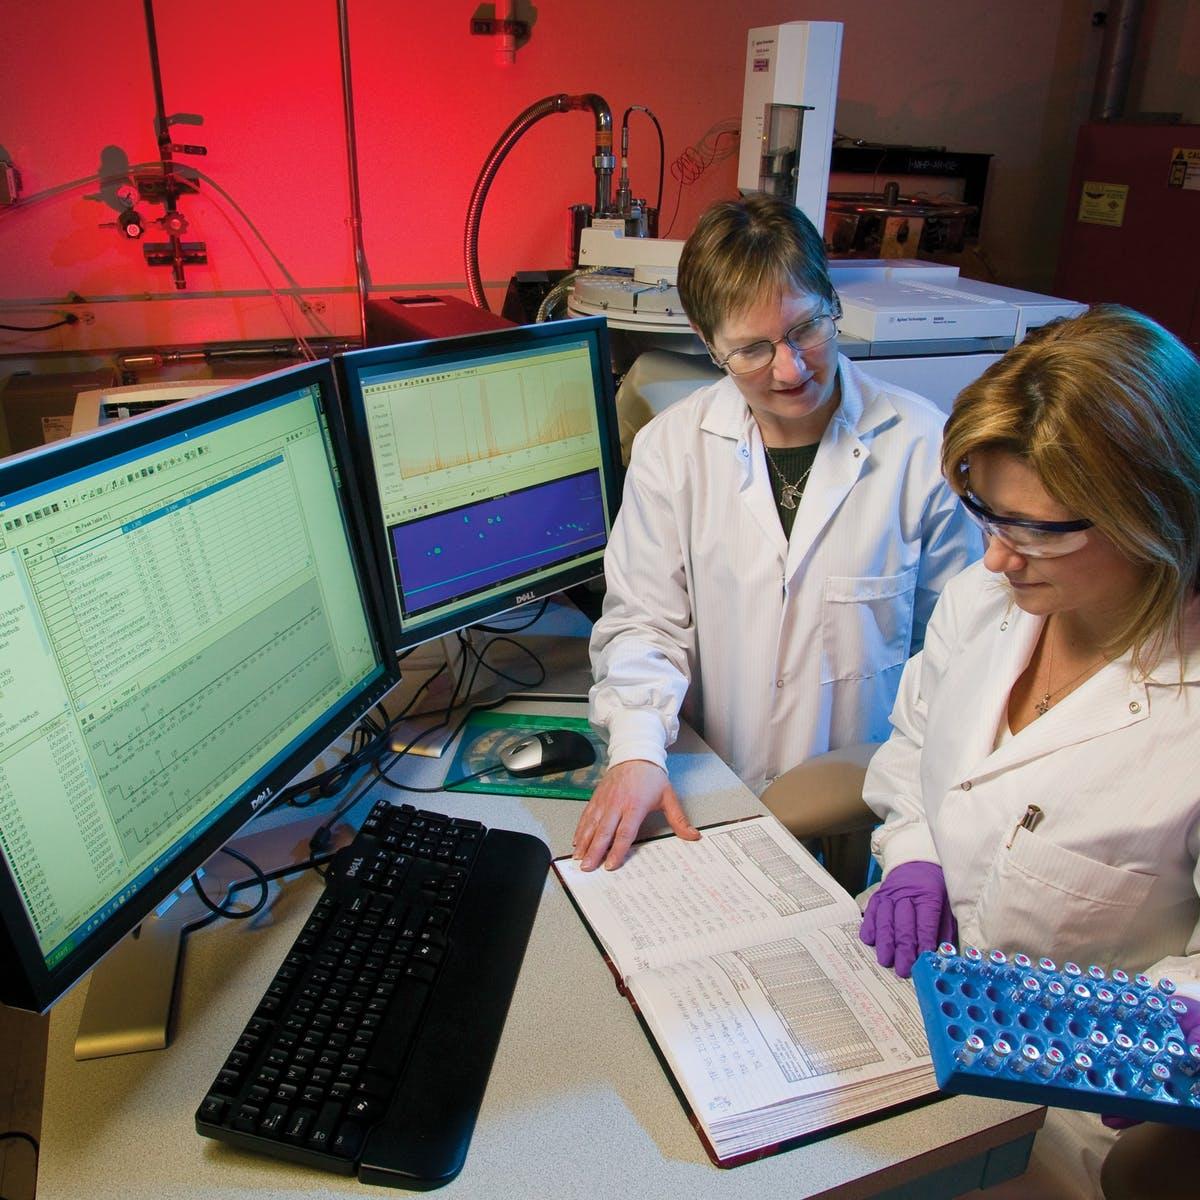 Día Internacional de la Mujer y la Niña en la Ciencia. Mi fórmula para que las mujeres no abandonen la ciencia: trabajar 8 horas al día